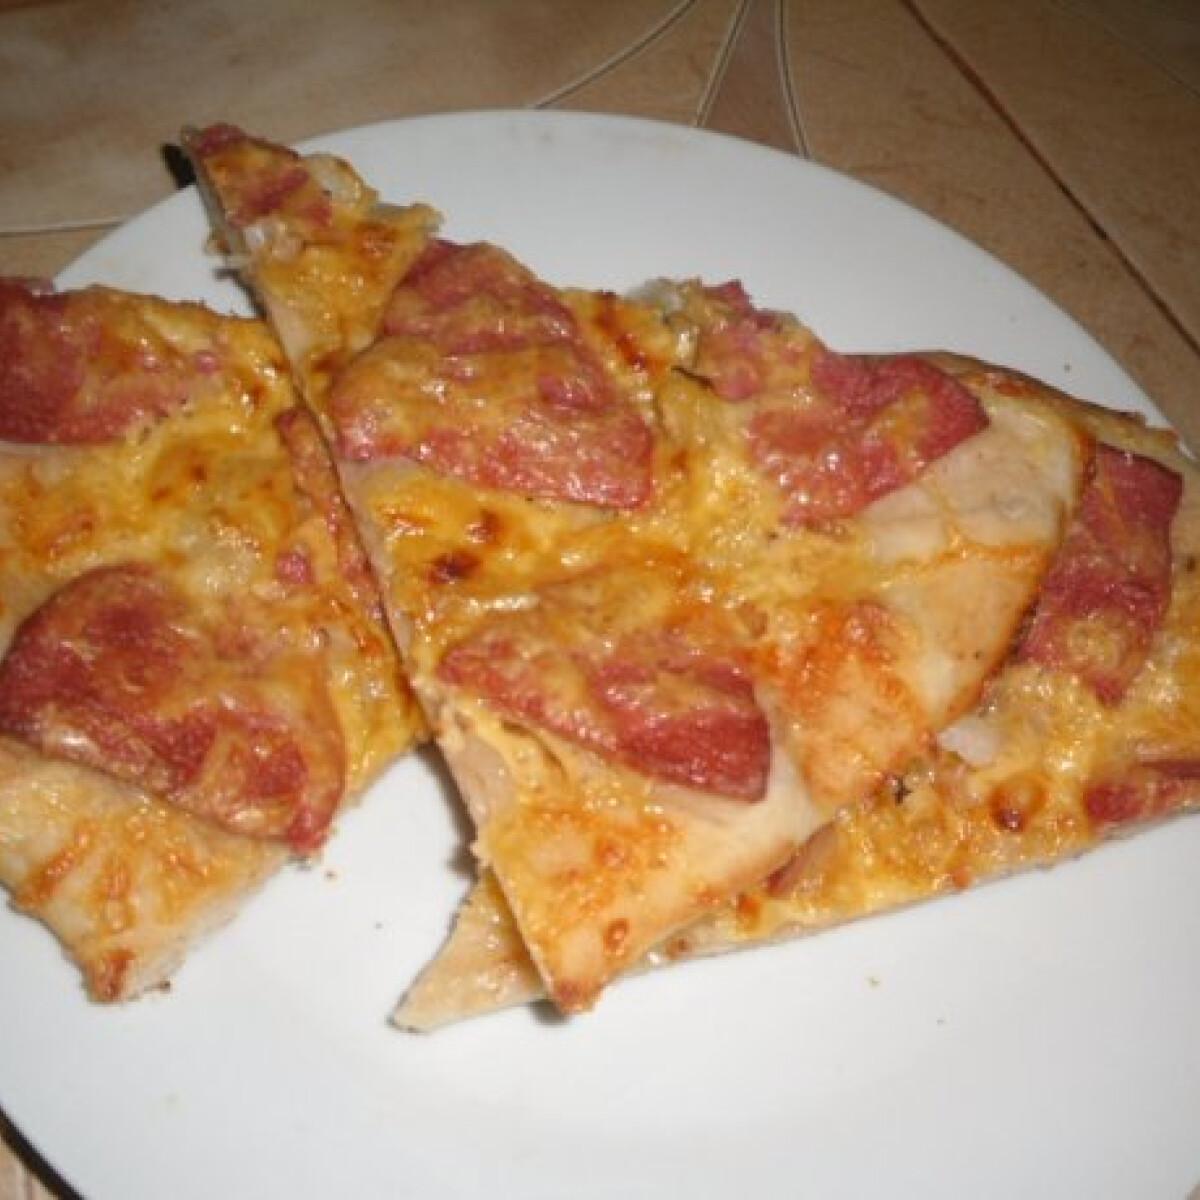 Ezen a képen: Pizza ahogy Kisvikica készíti